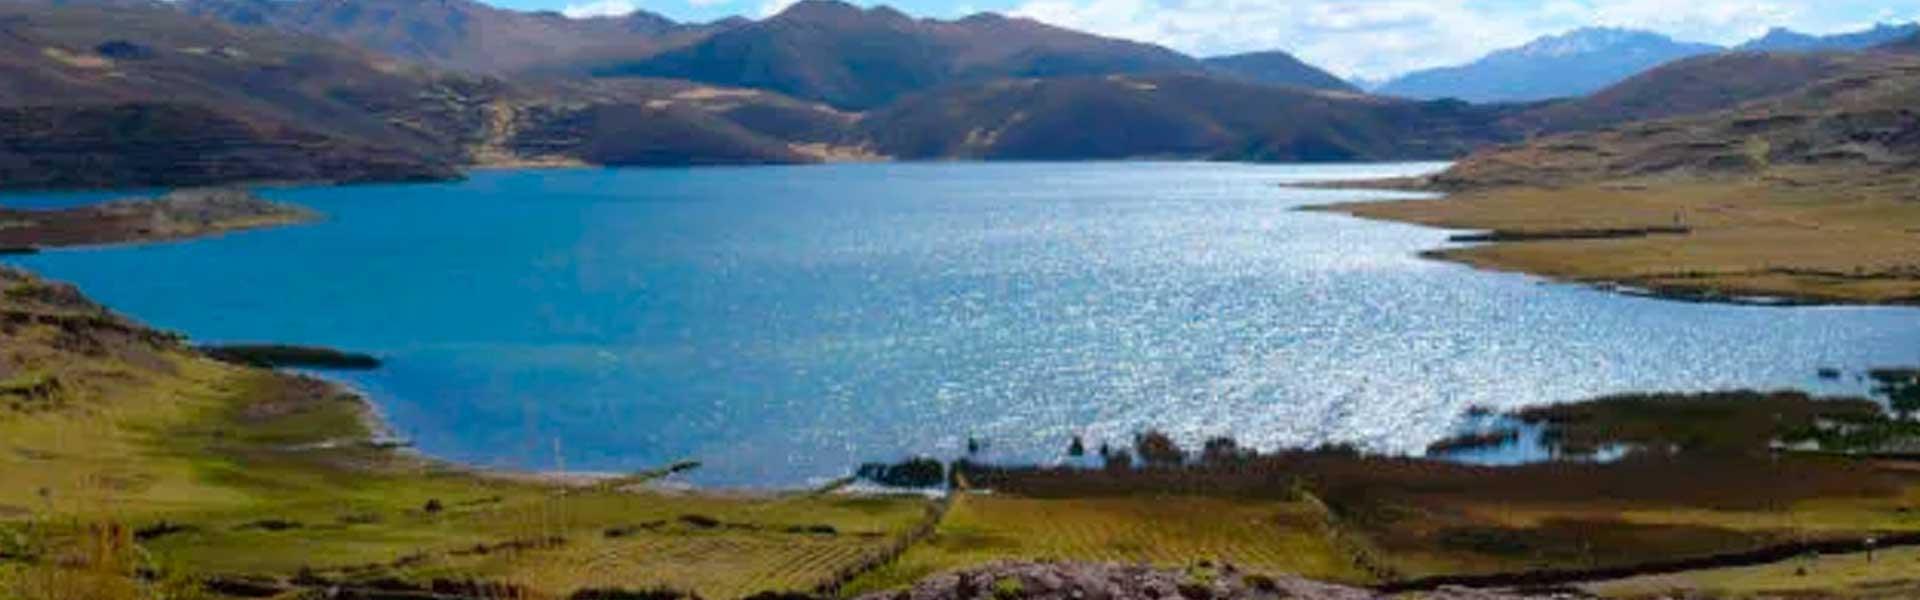 tour 4 lagunas cusco (3)